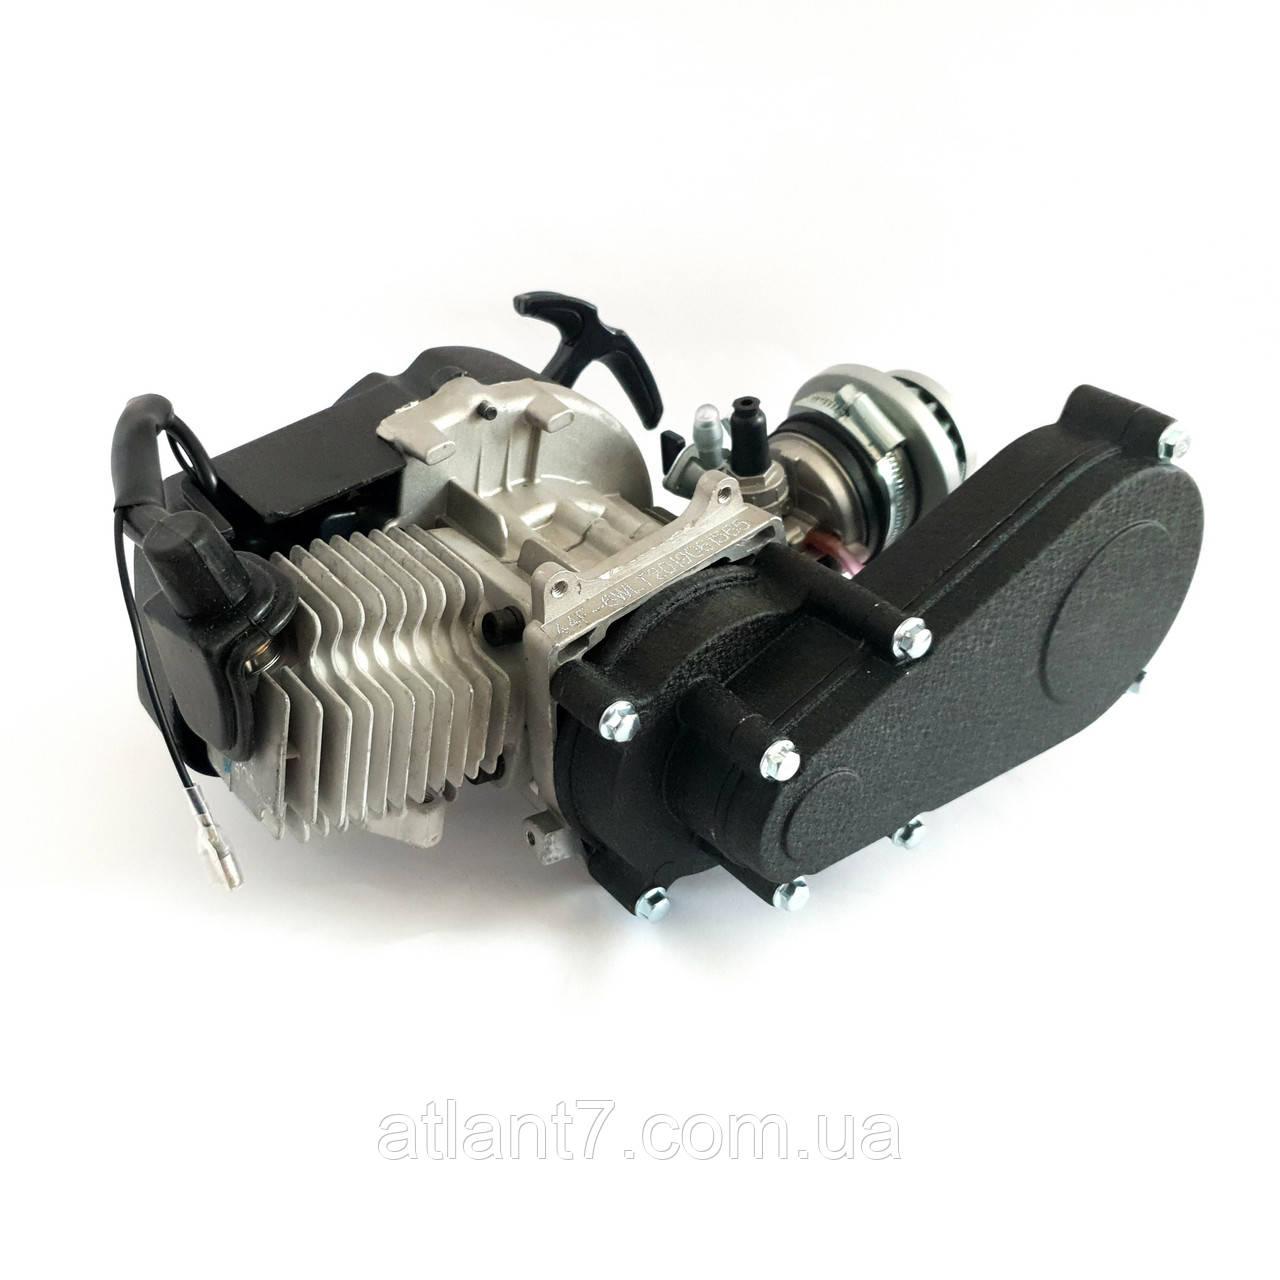 Двигатель для мини-байка, мини кросс-байка, Pocket bike 49 куб.см. с редуктором